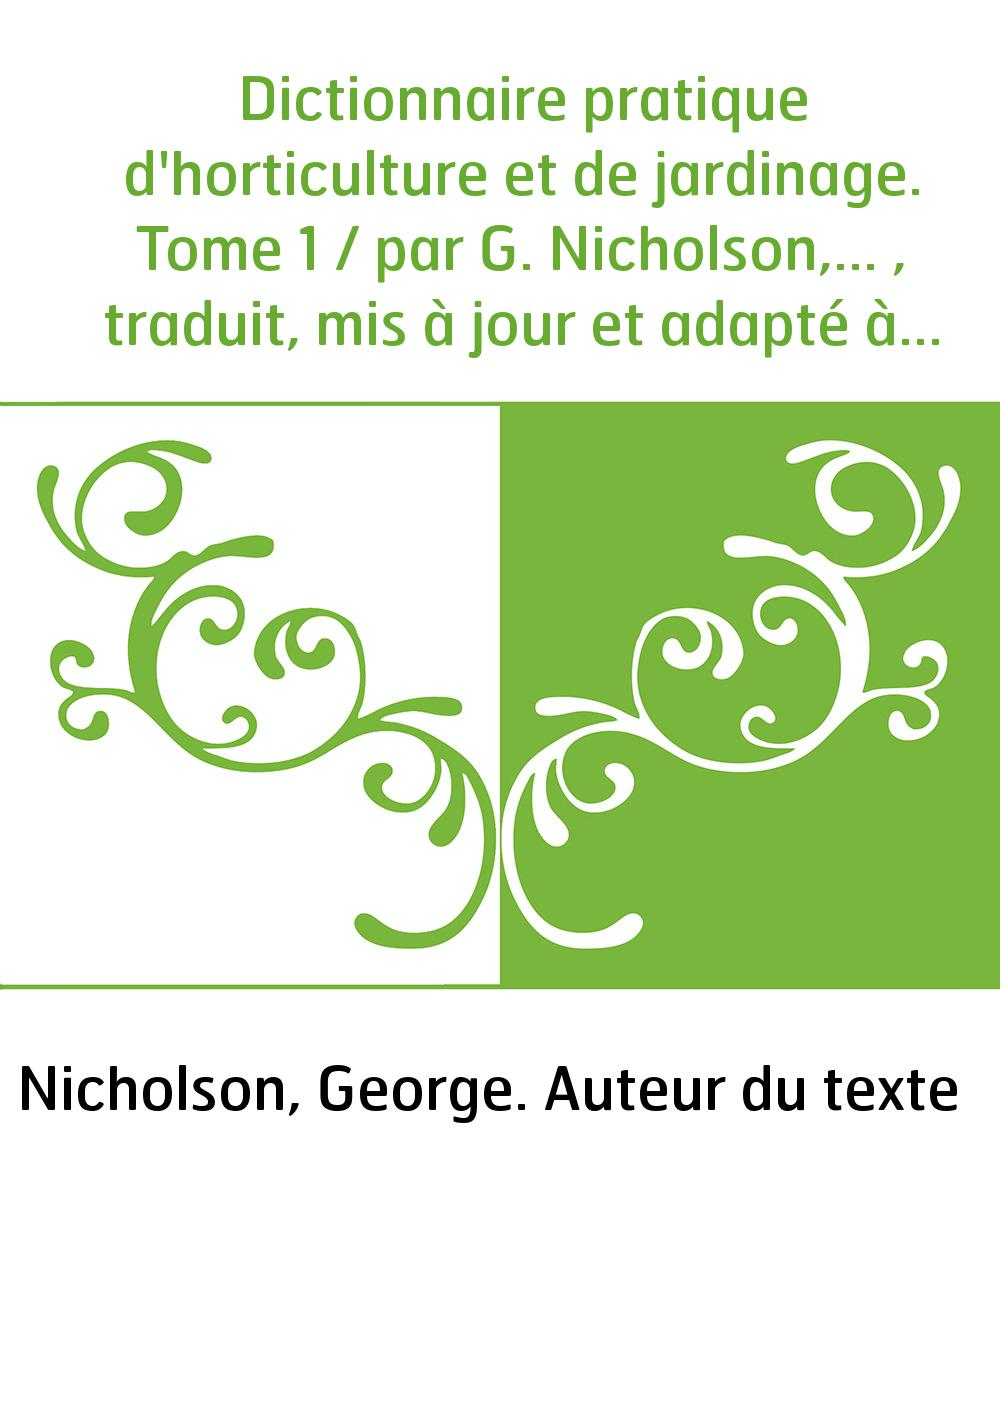 Dictionnaire pratique d'horticulture et de jardinage. Tome 1 / par G. Nicholson,... , traduit, mis à jour et adapté à notre clim